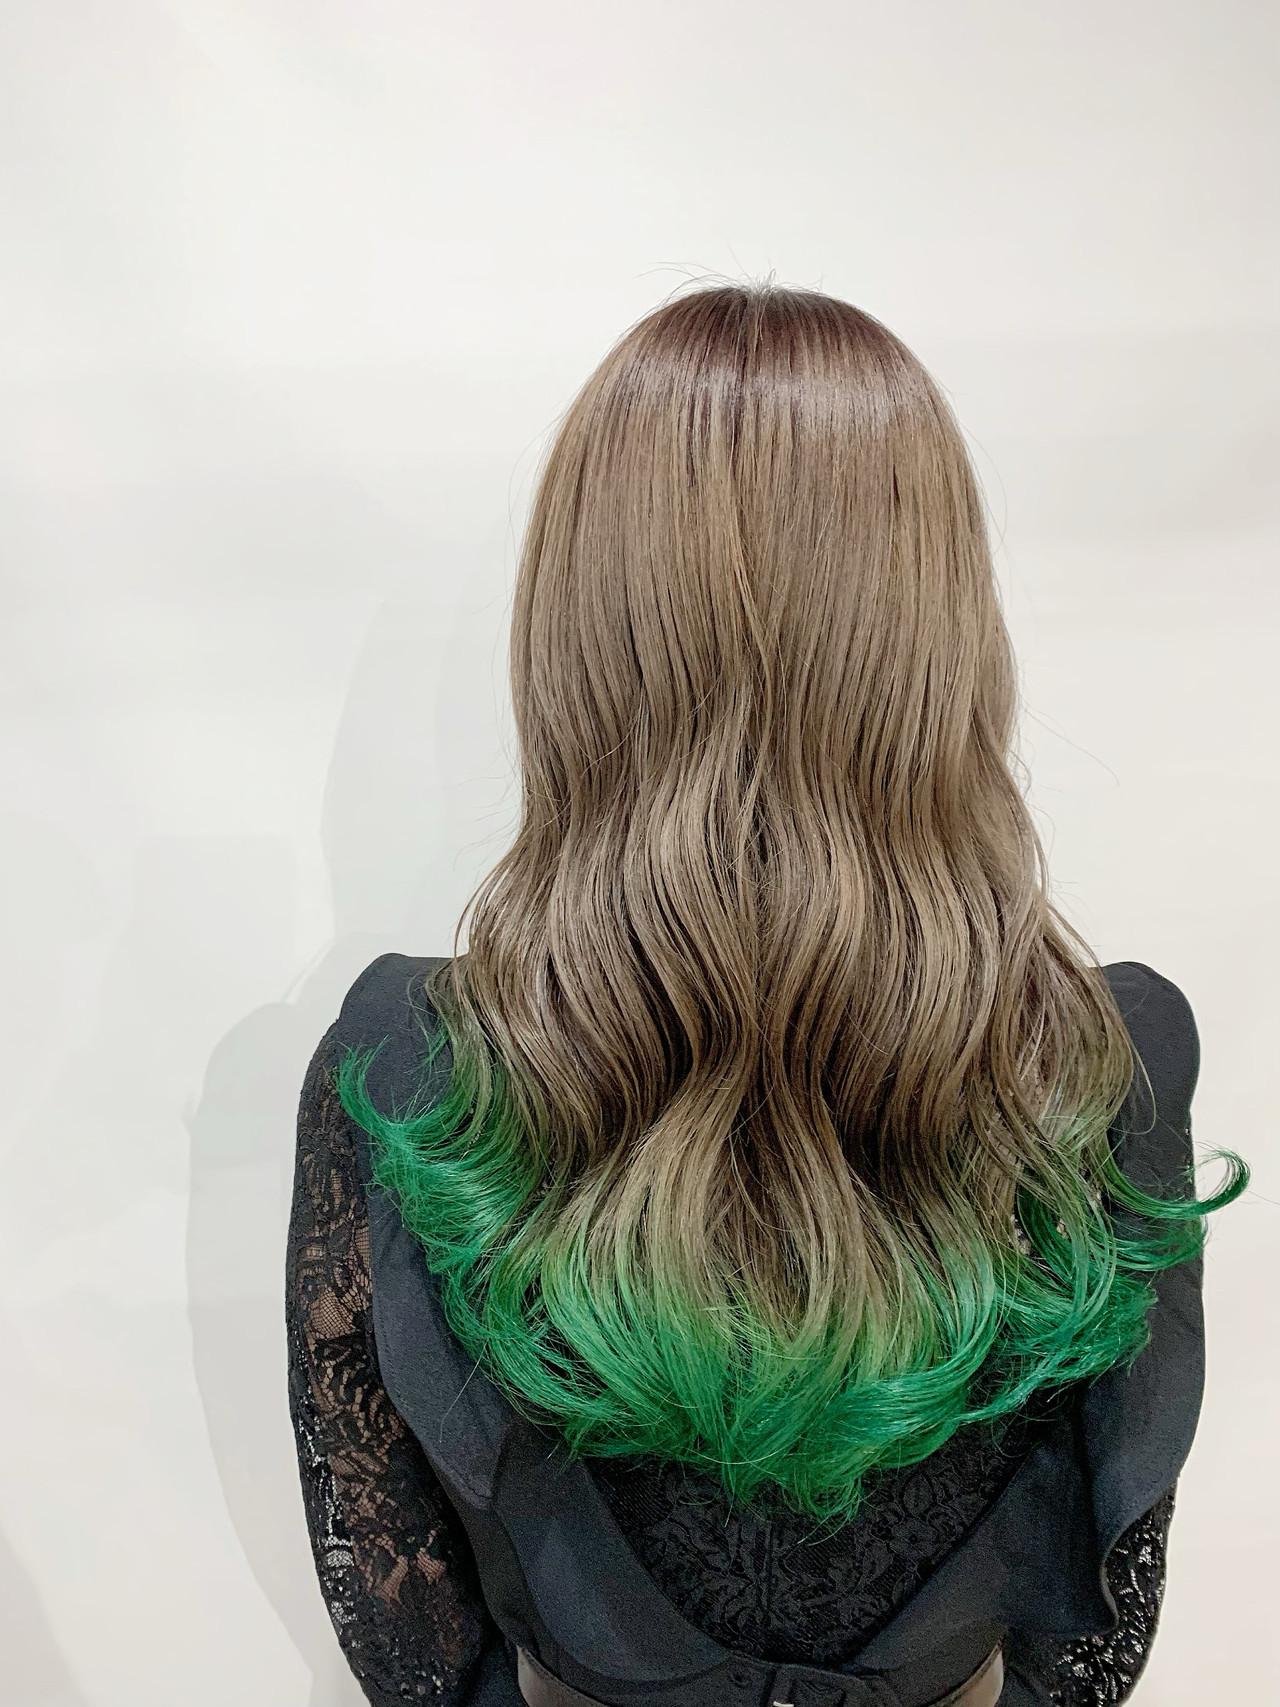 ベージュカラー セミロング 裾カラー ミルクティーグレージュ ヘアスタイルや髪型の写真・画像